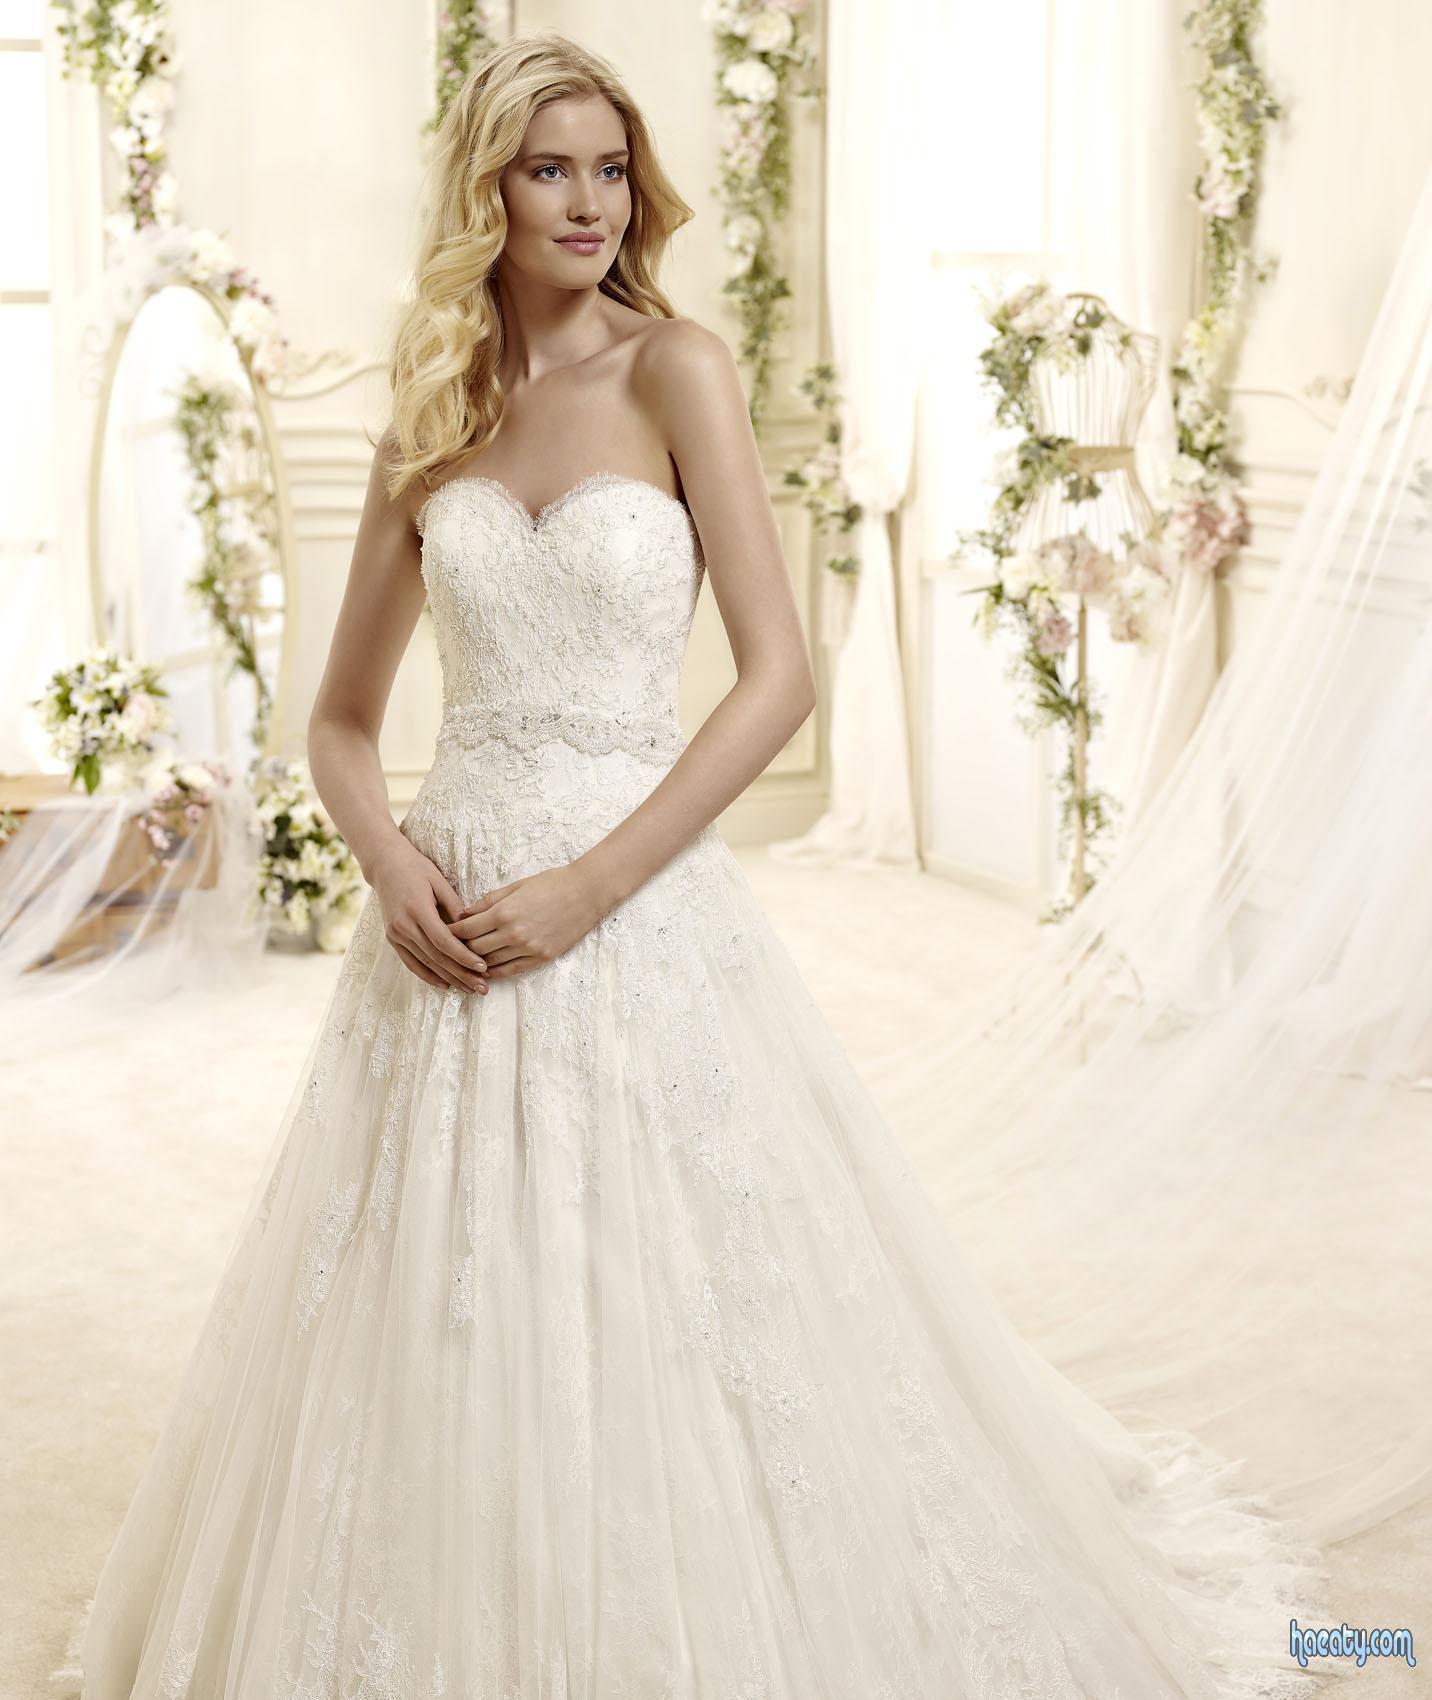 فساتين زفاف ايطاليا موضة 2015 1422357808953.jpg